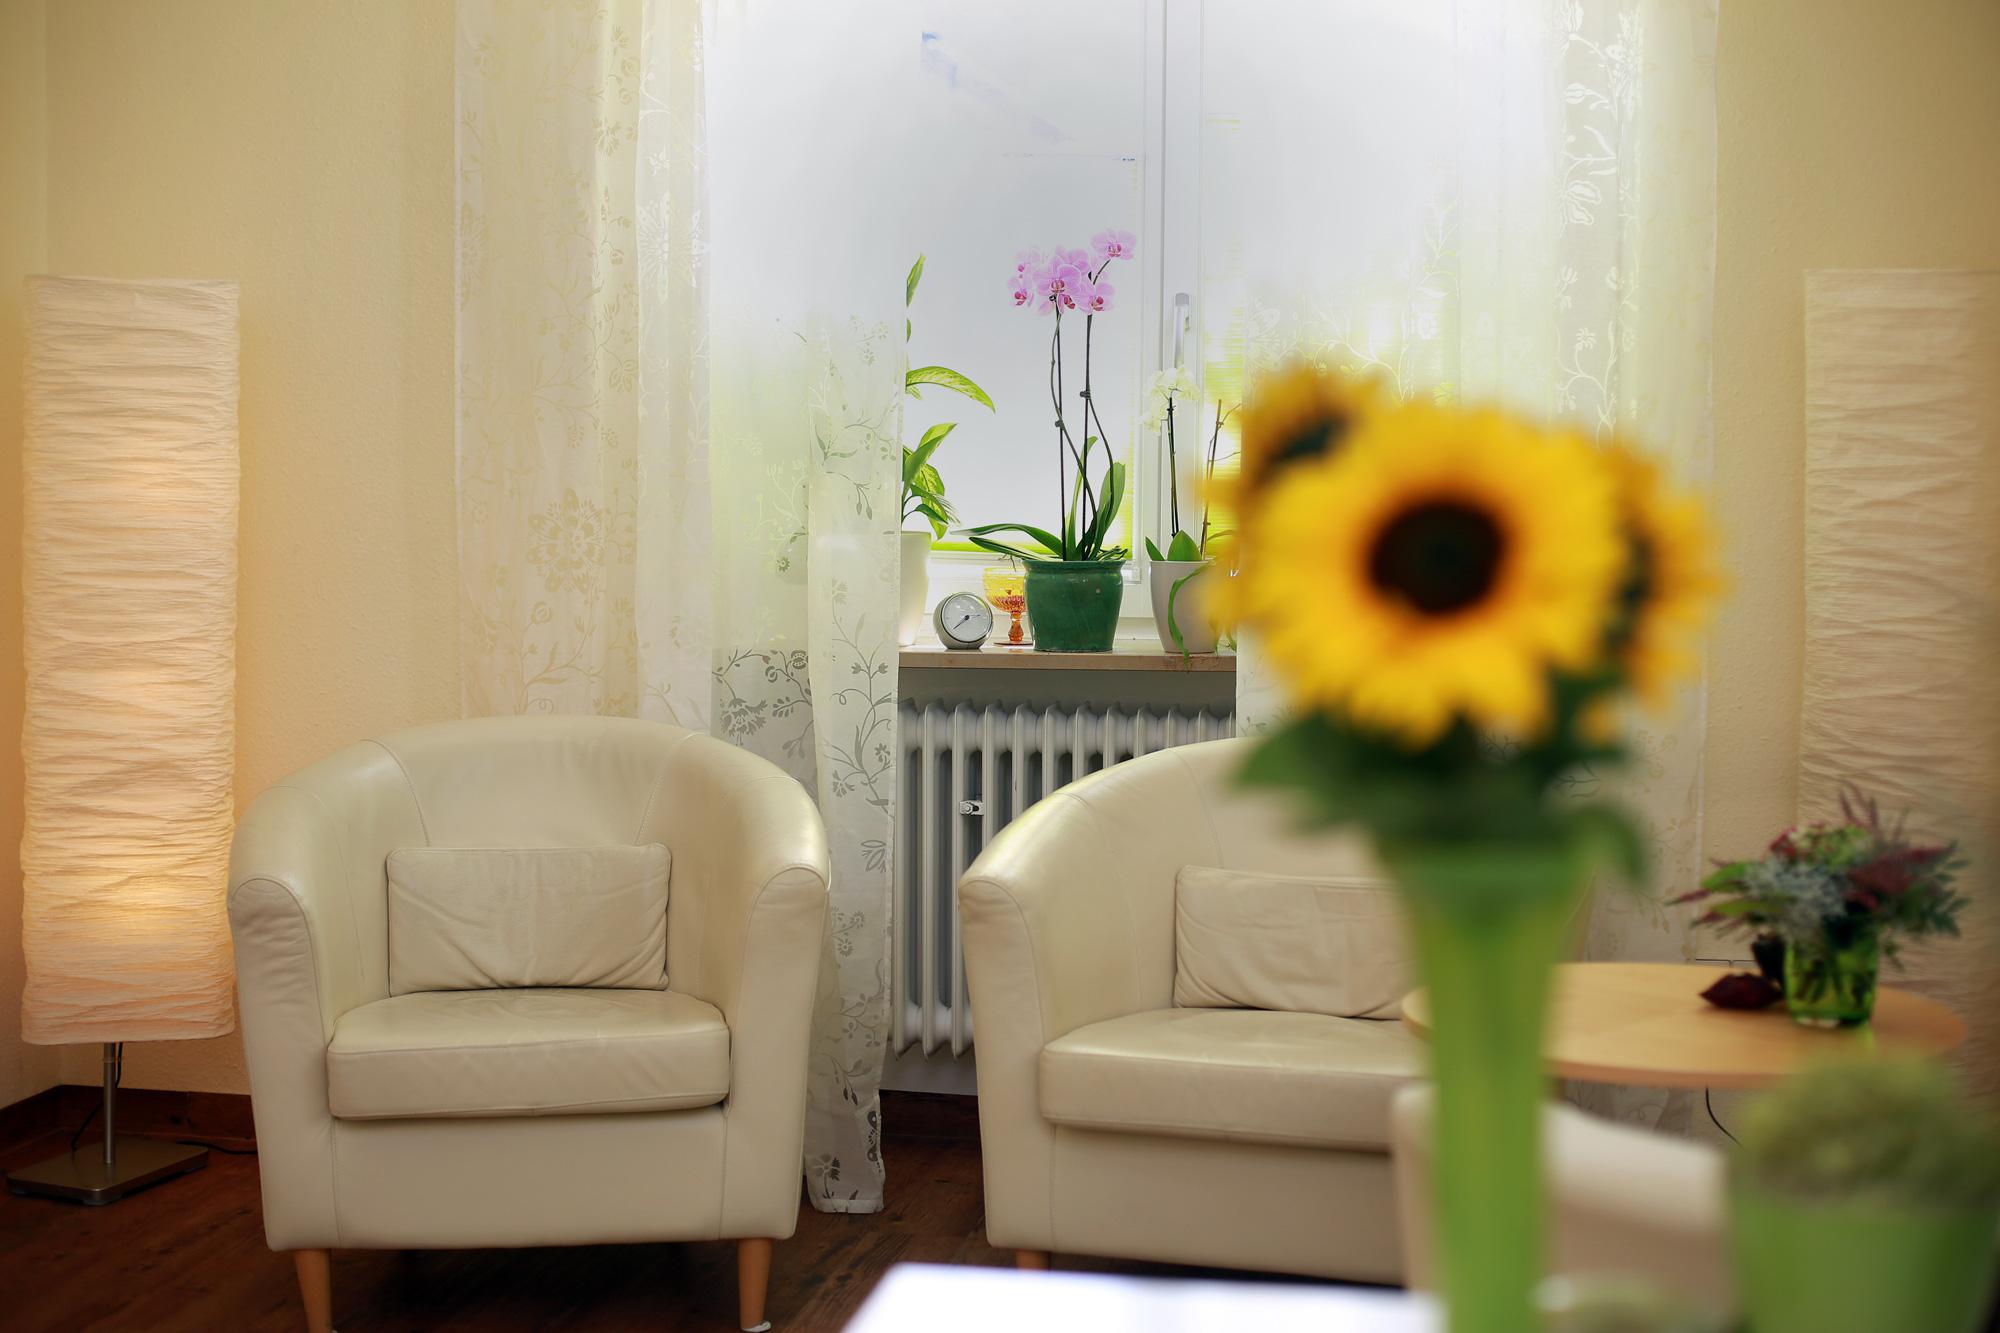 Innenräume | Praxis Hypnose und Wandel | Hypnose | Hypnosetherapie | Freiburg Lörrach Basel